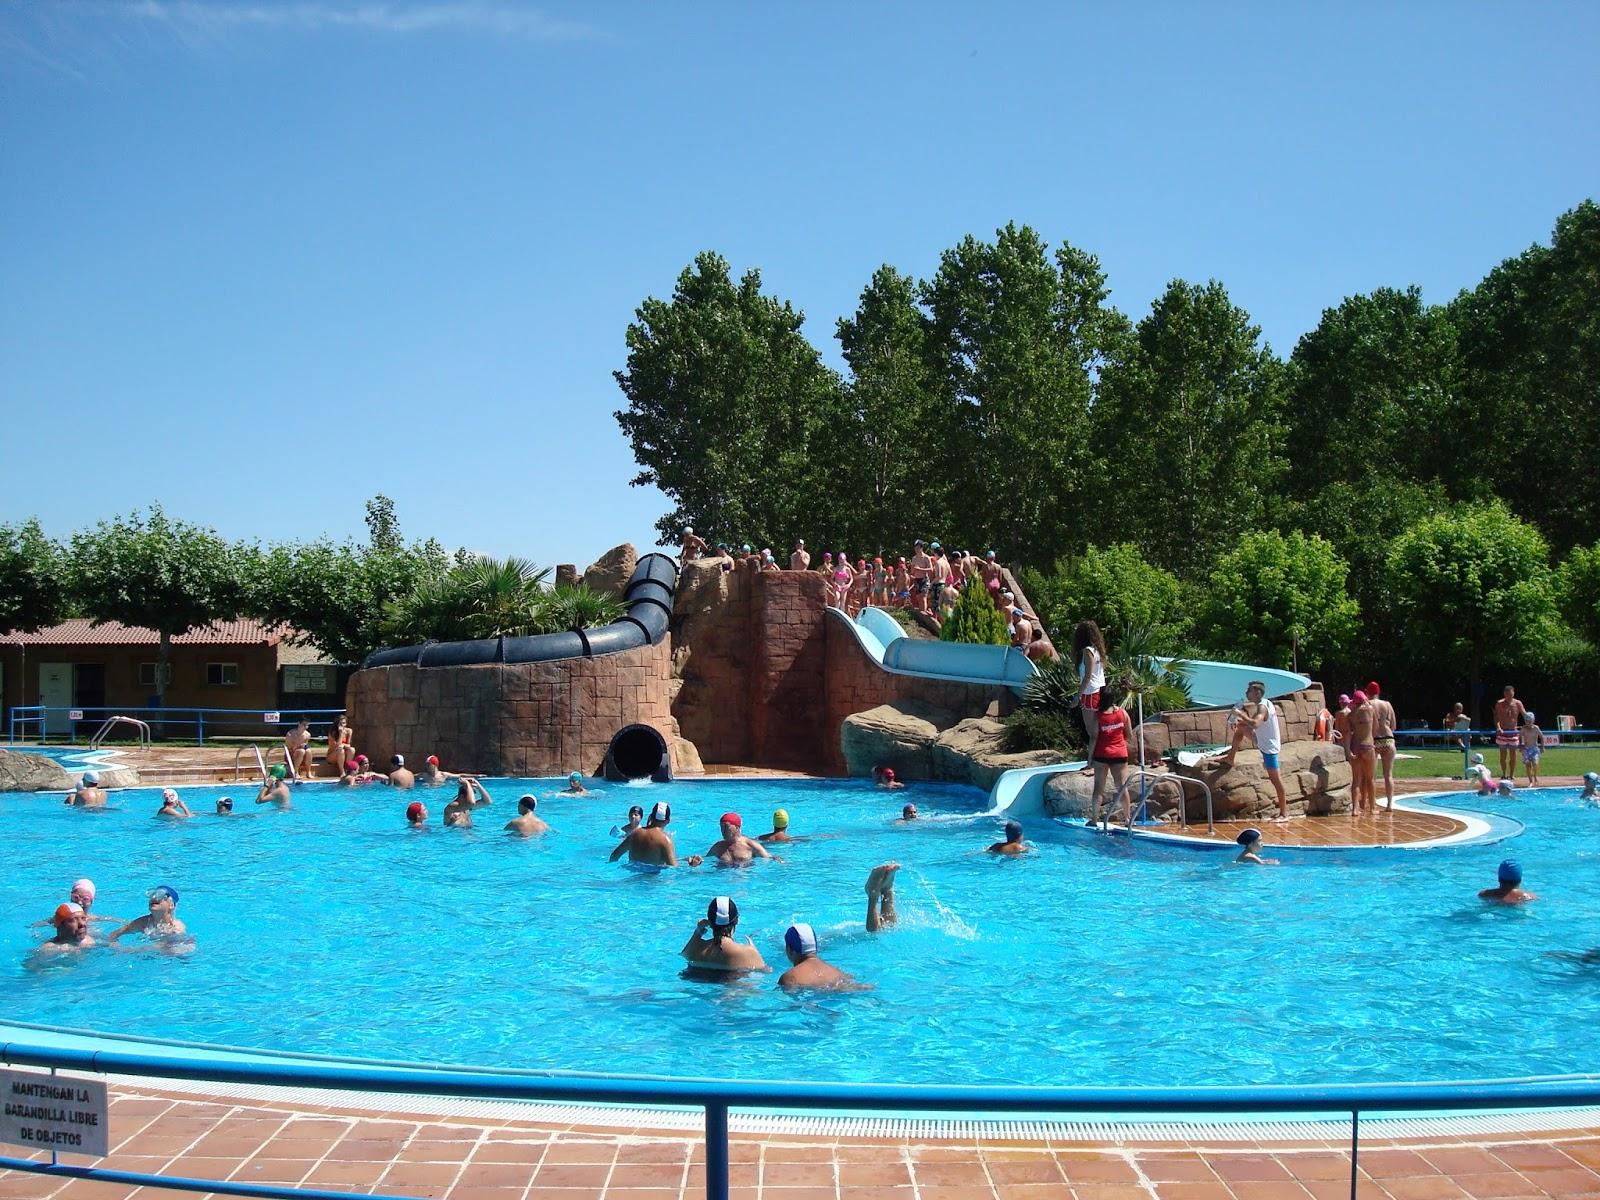 Viernes 26 excursi n a valencia de don juan y charlas con for Horario piscinas valencia de don juan